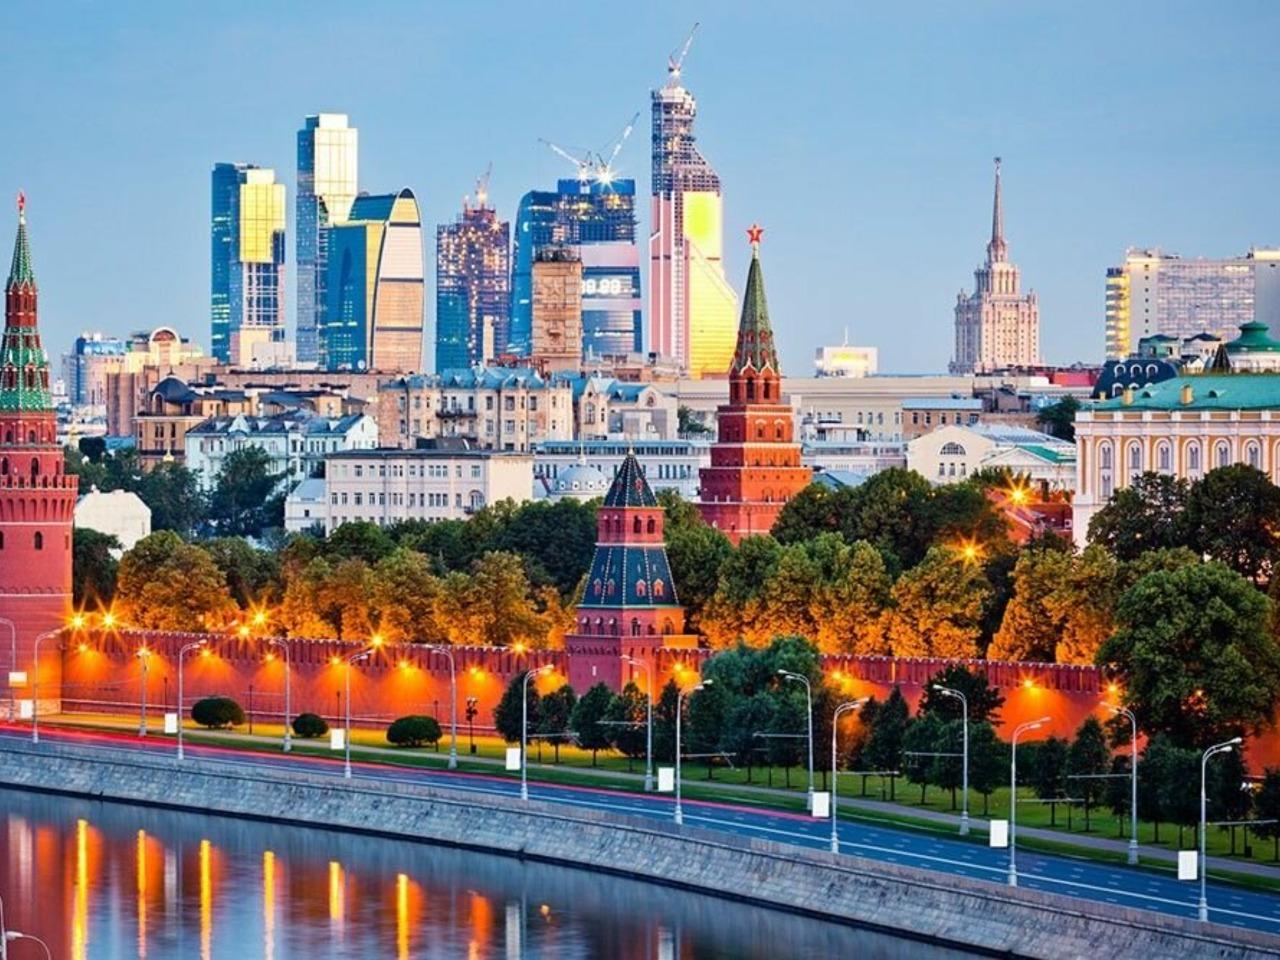 Обзорная по Москве: лучшие видовые площадки - групповая экскурсия по Москве от опытного гида